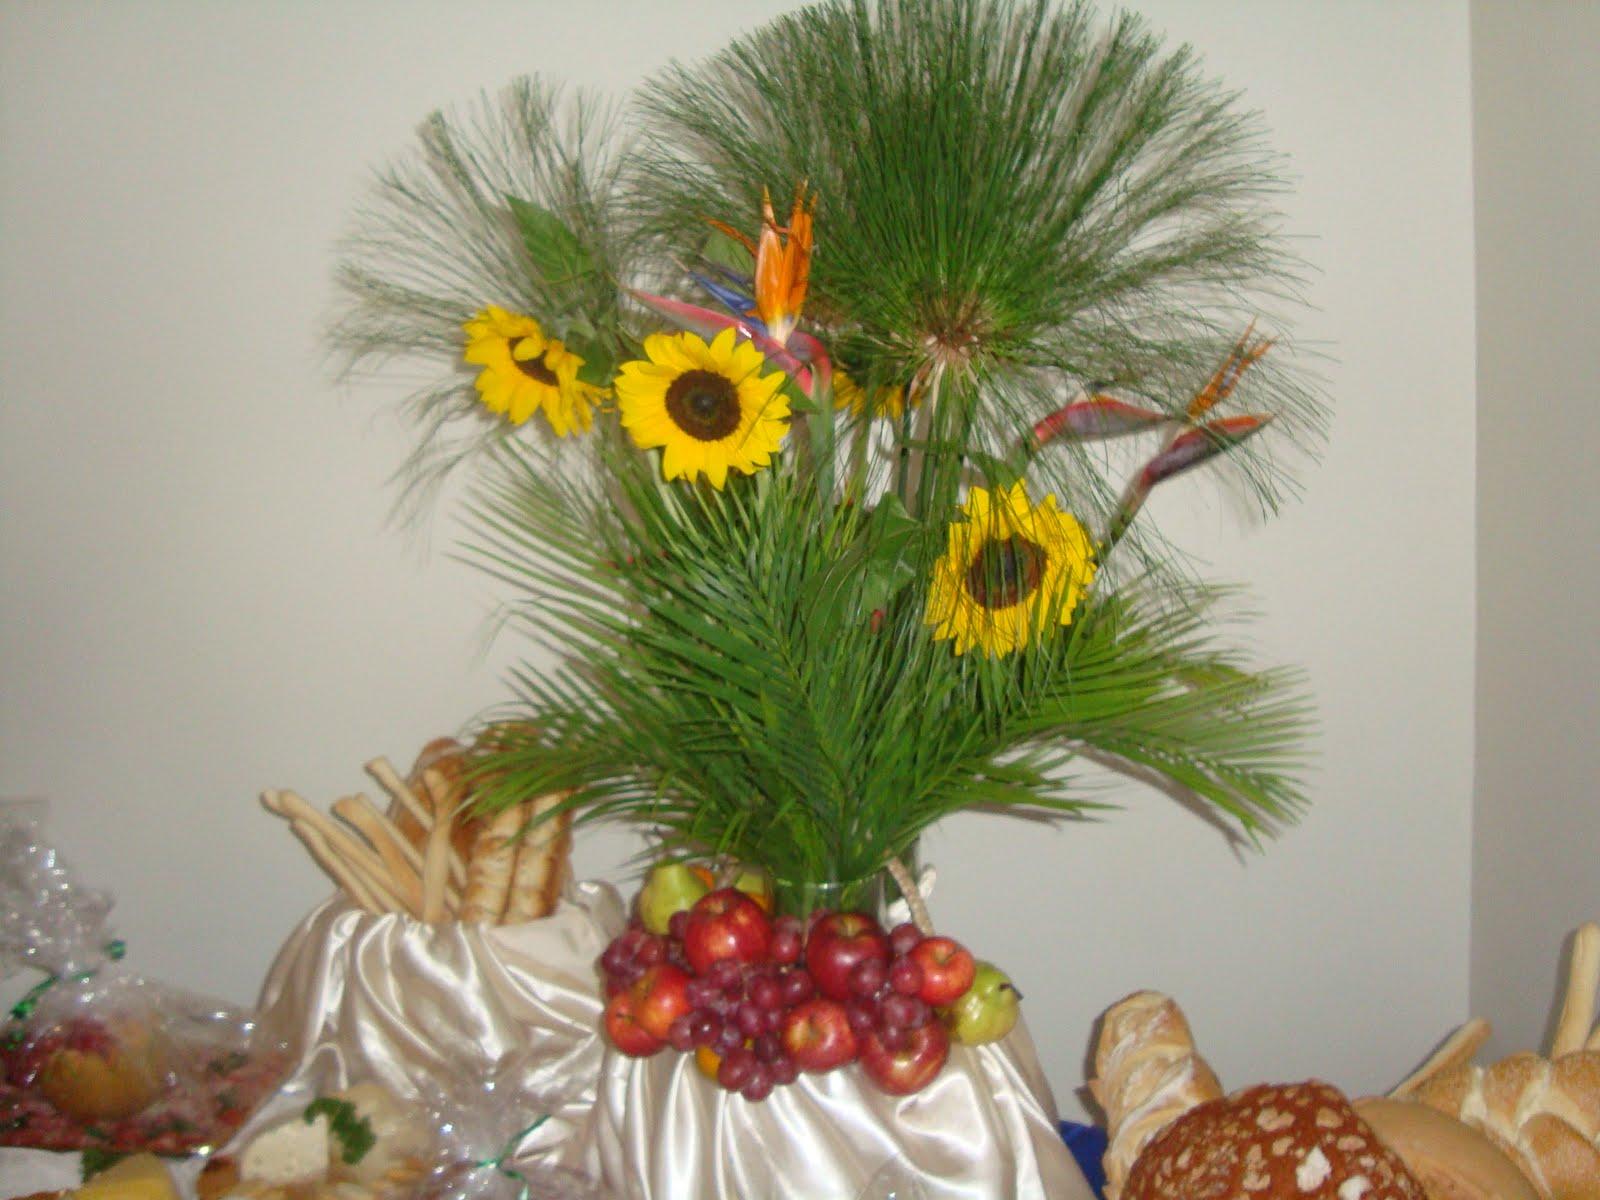 Todo para fiestas decoraciones y manualidades mesas de - Decoracion de mesas para fiestas ...